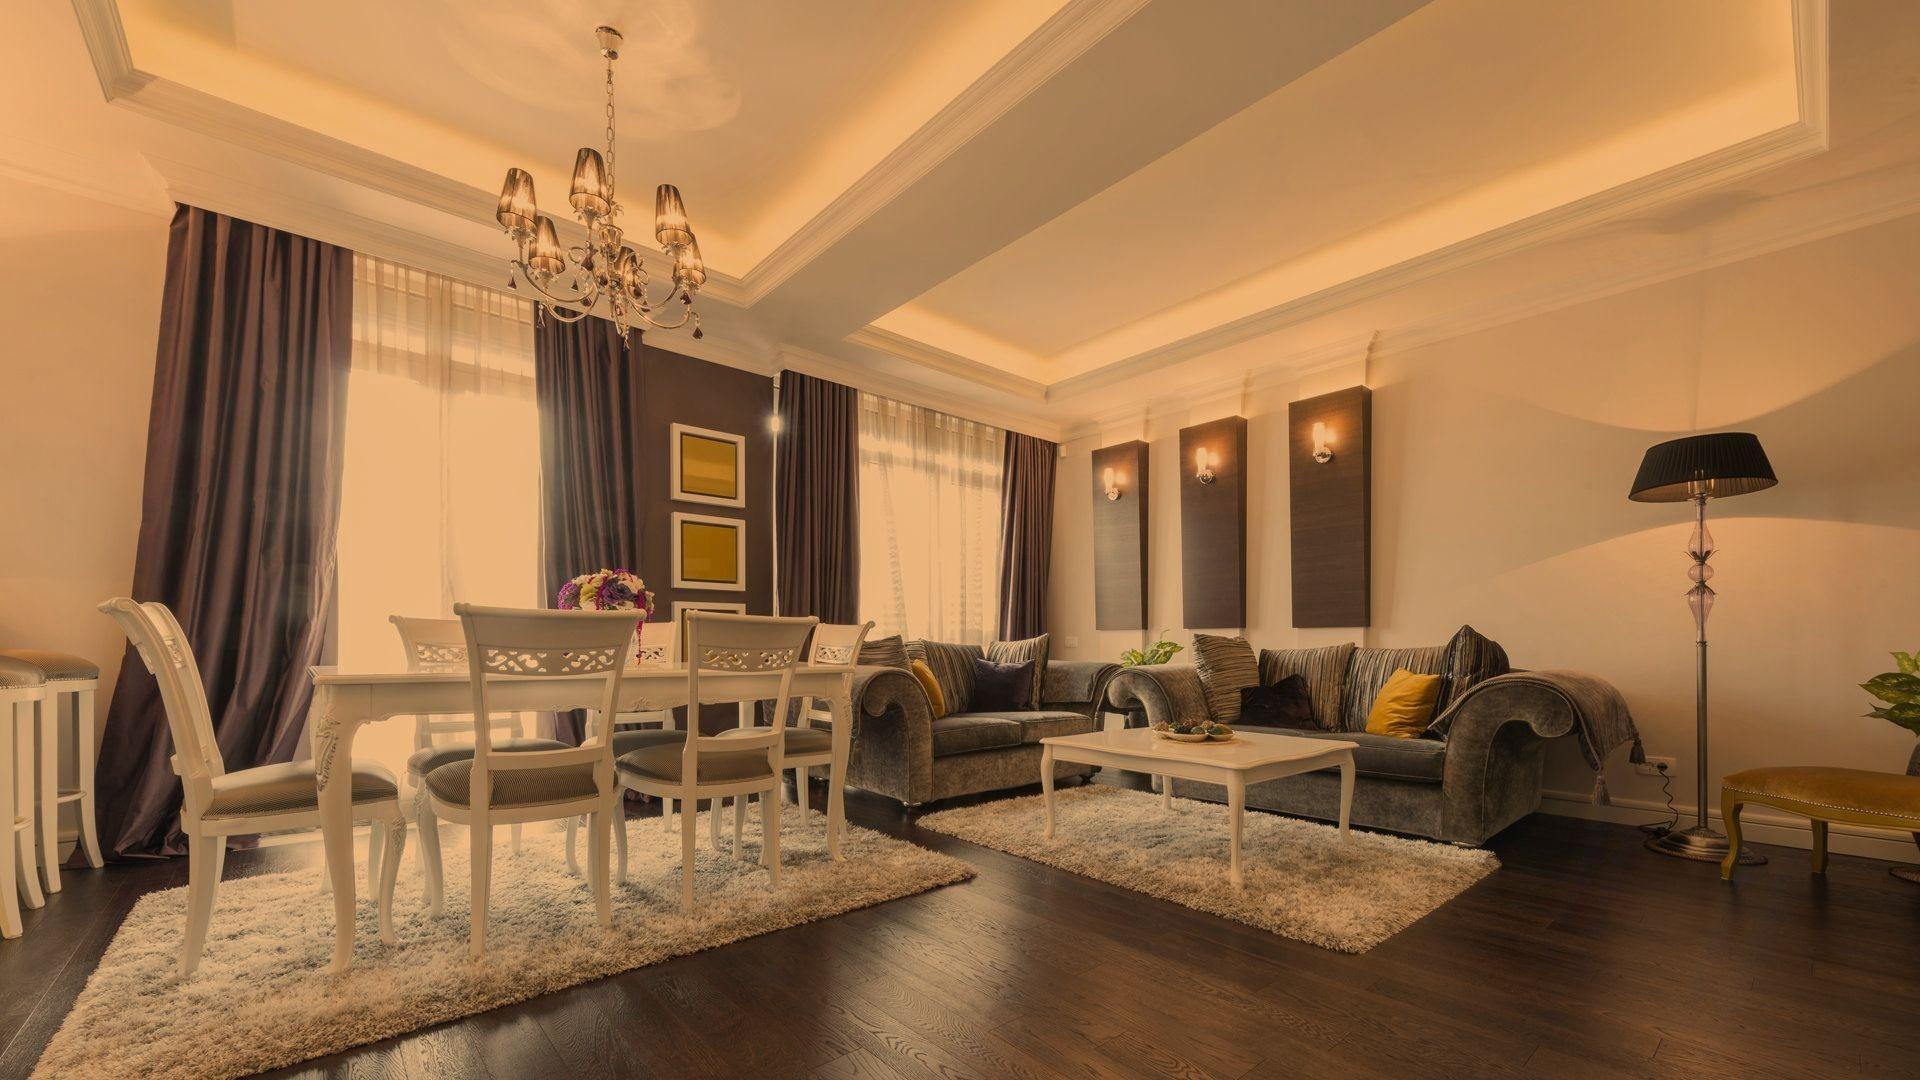 Tienda de muebles y decoración en Lleida